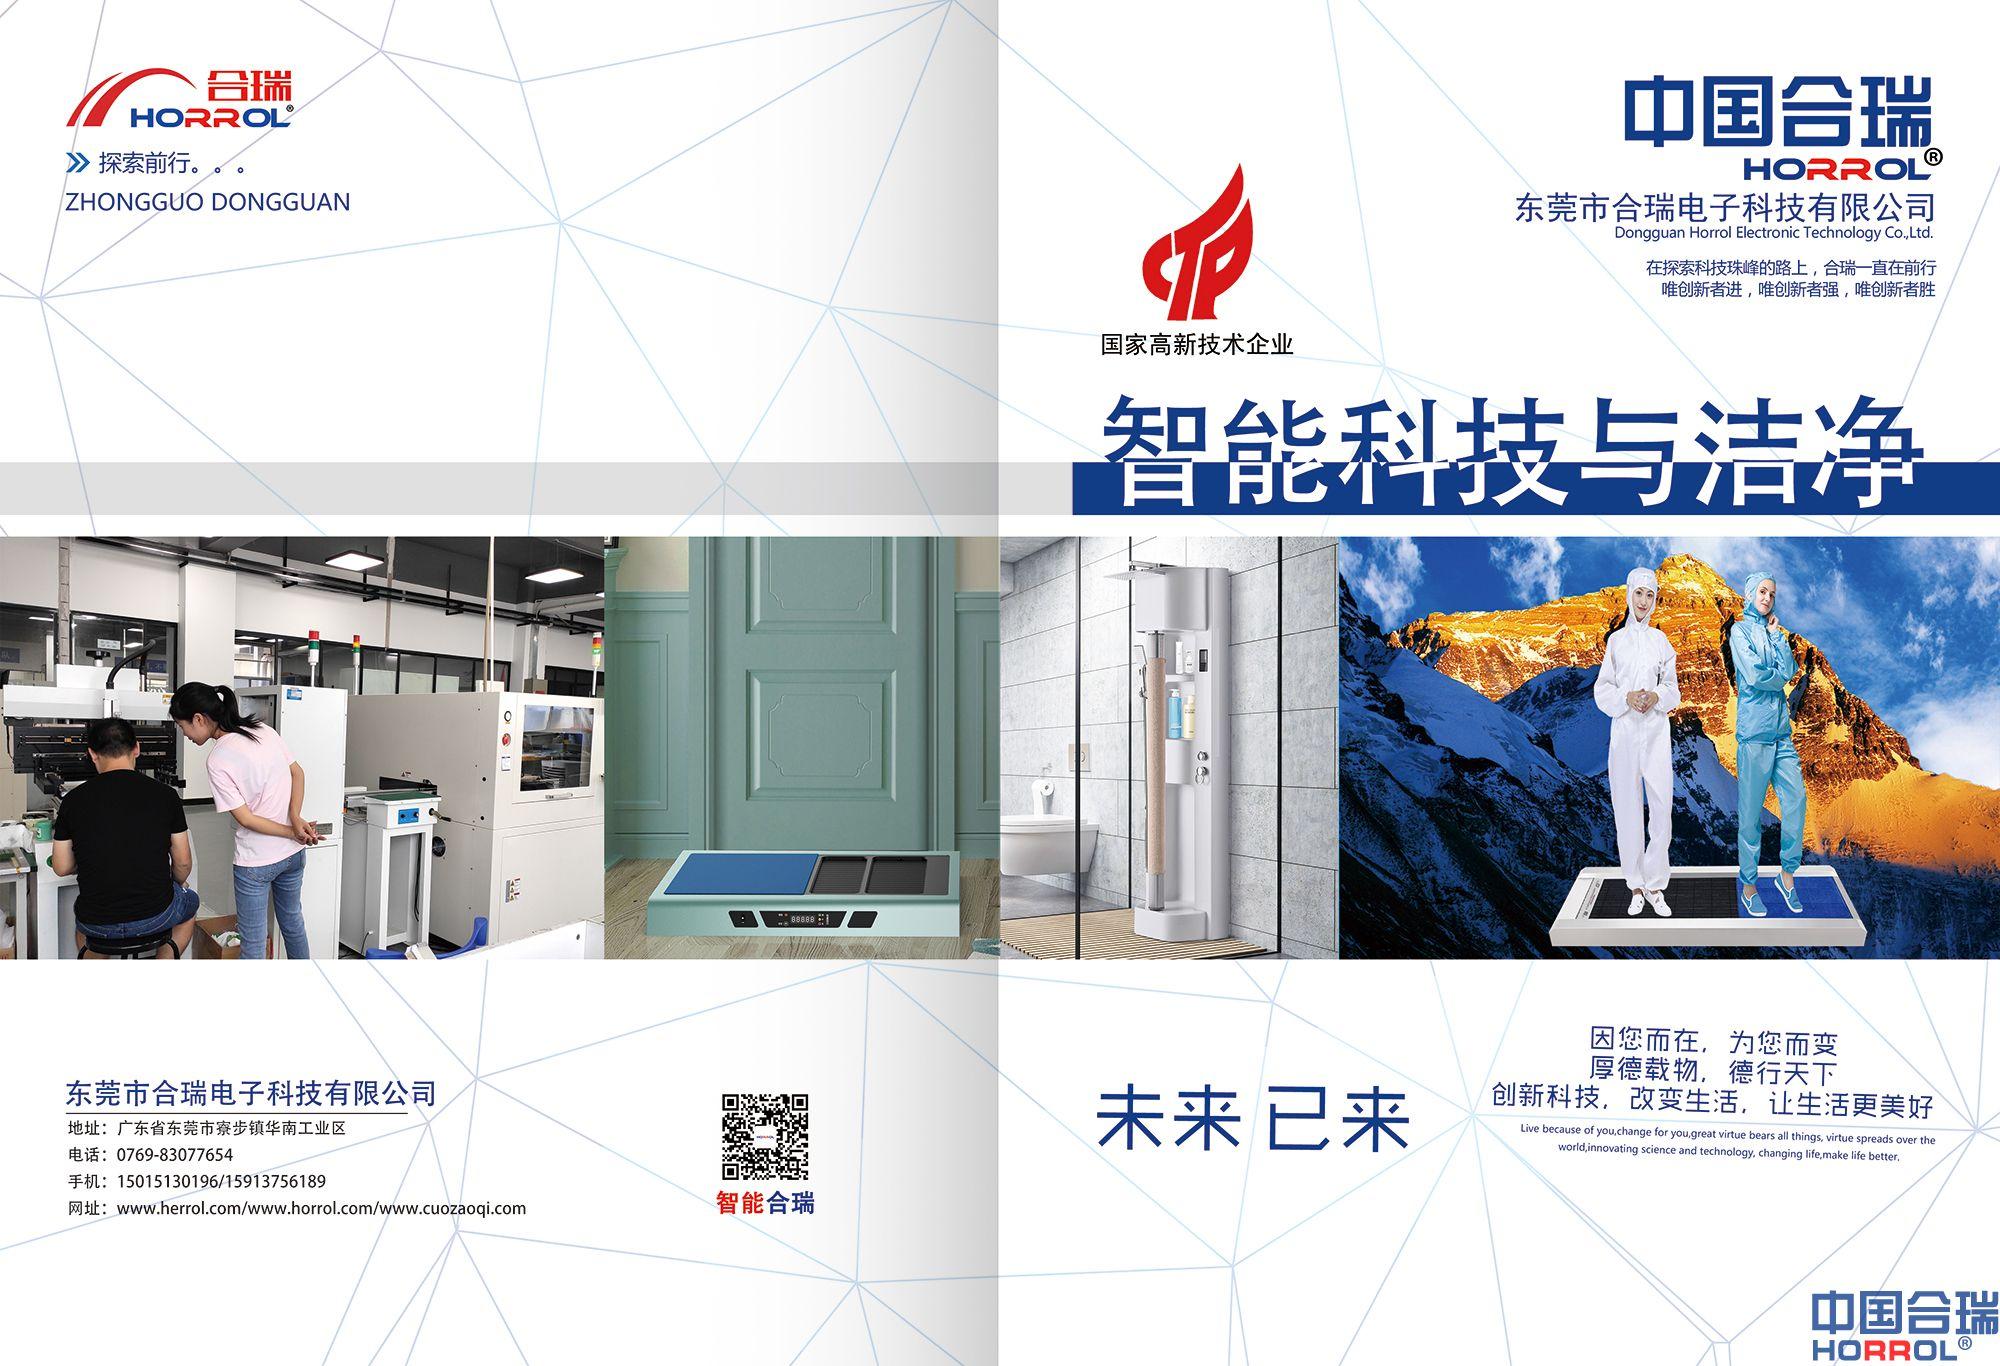 中國合瑞2019年產品畫冊發布,合瑞科技與您同行共創價值